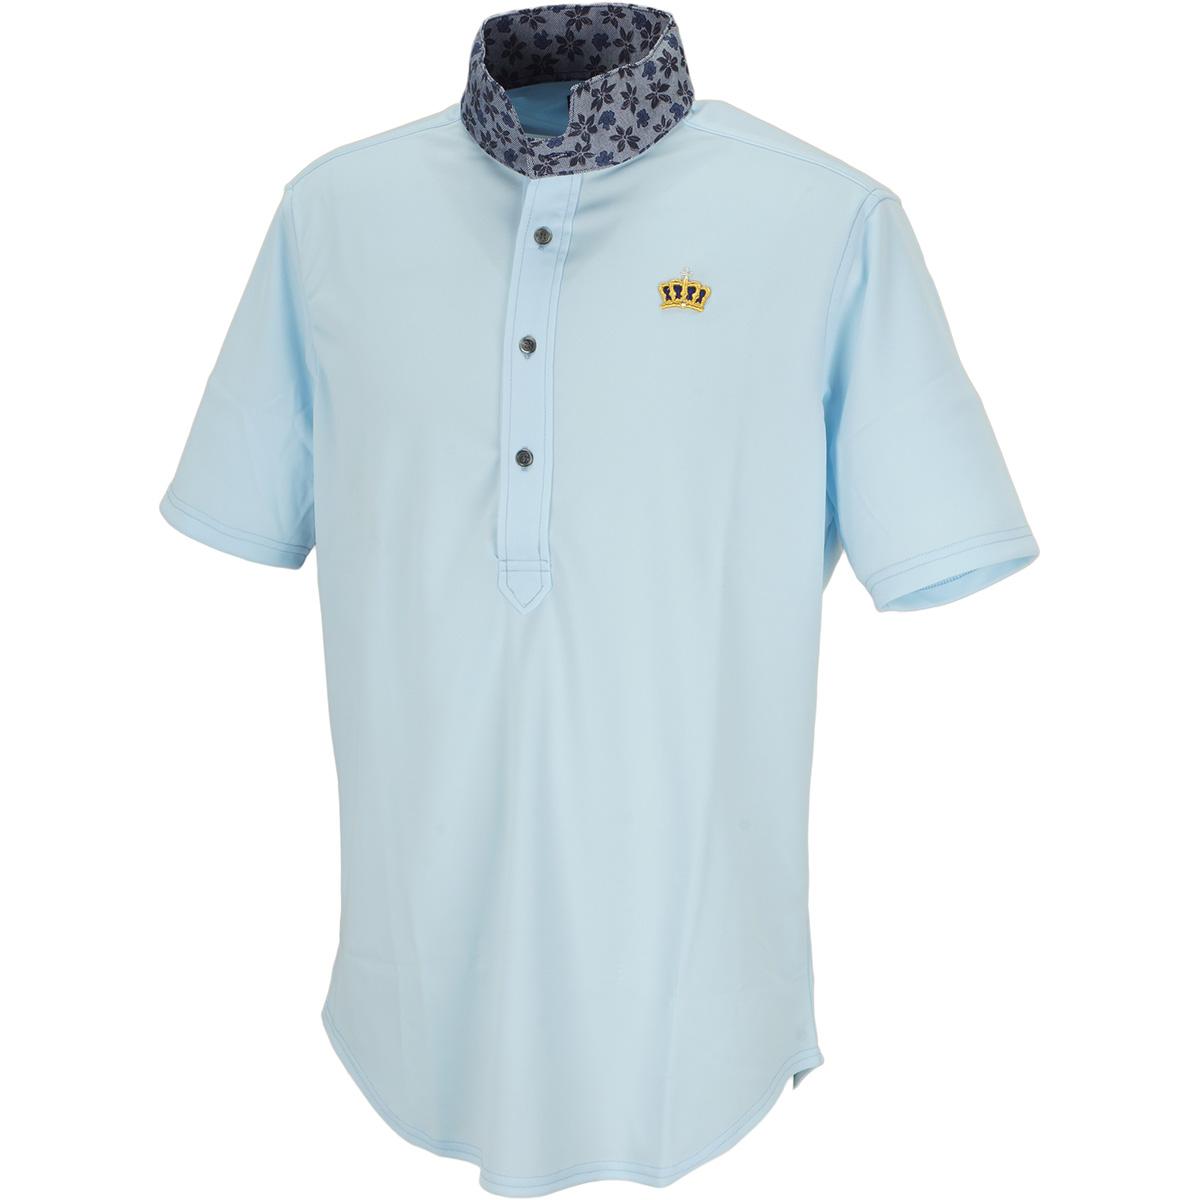 小花柄ウィングカラー半袖ポロシャツ